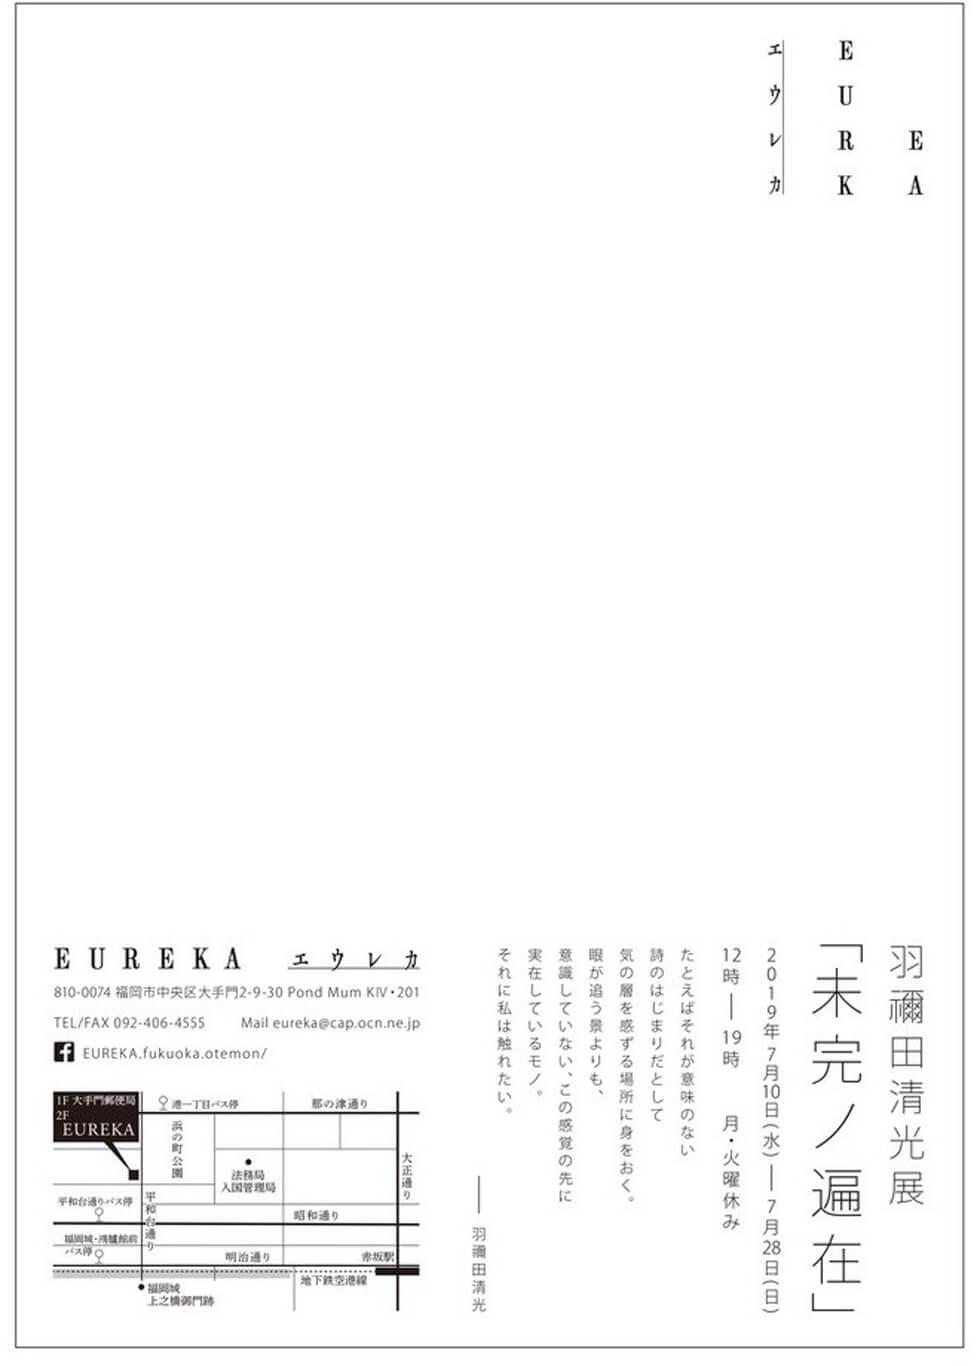 eureka-201907-羽禰田清光-展覧会2